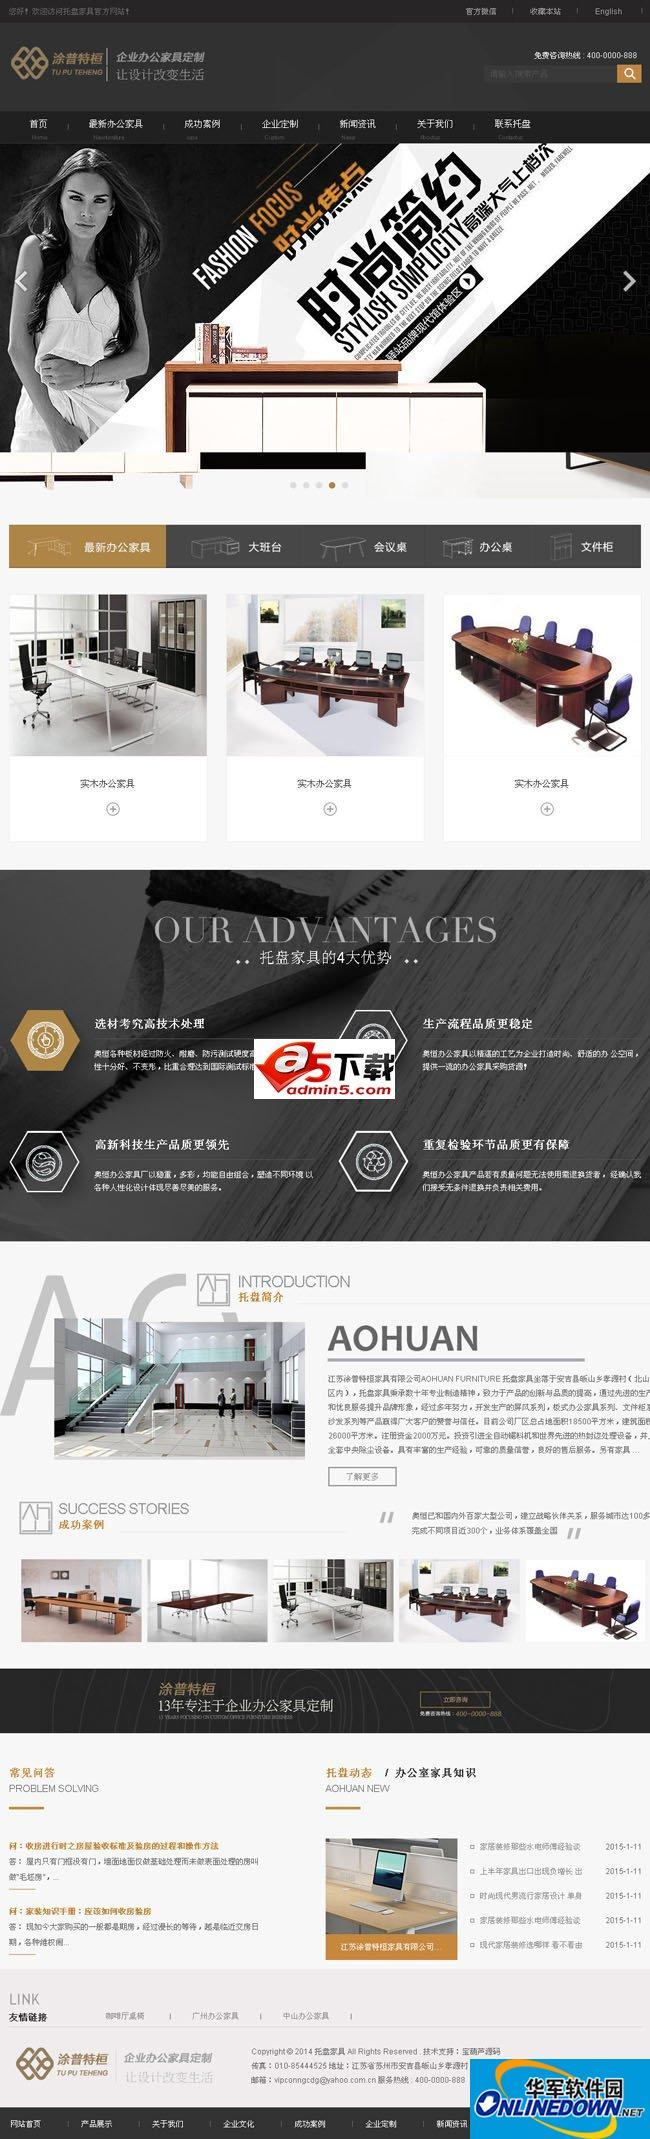 办公家具展示展柜企业网站ASP源码 PC版